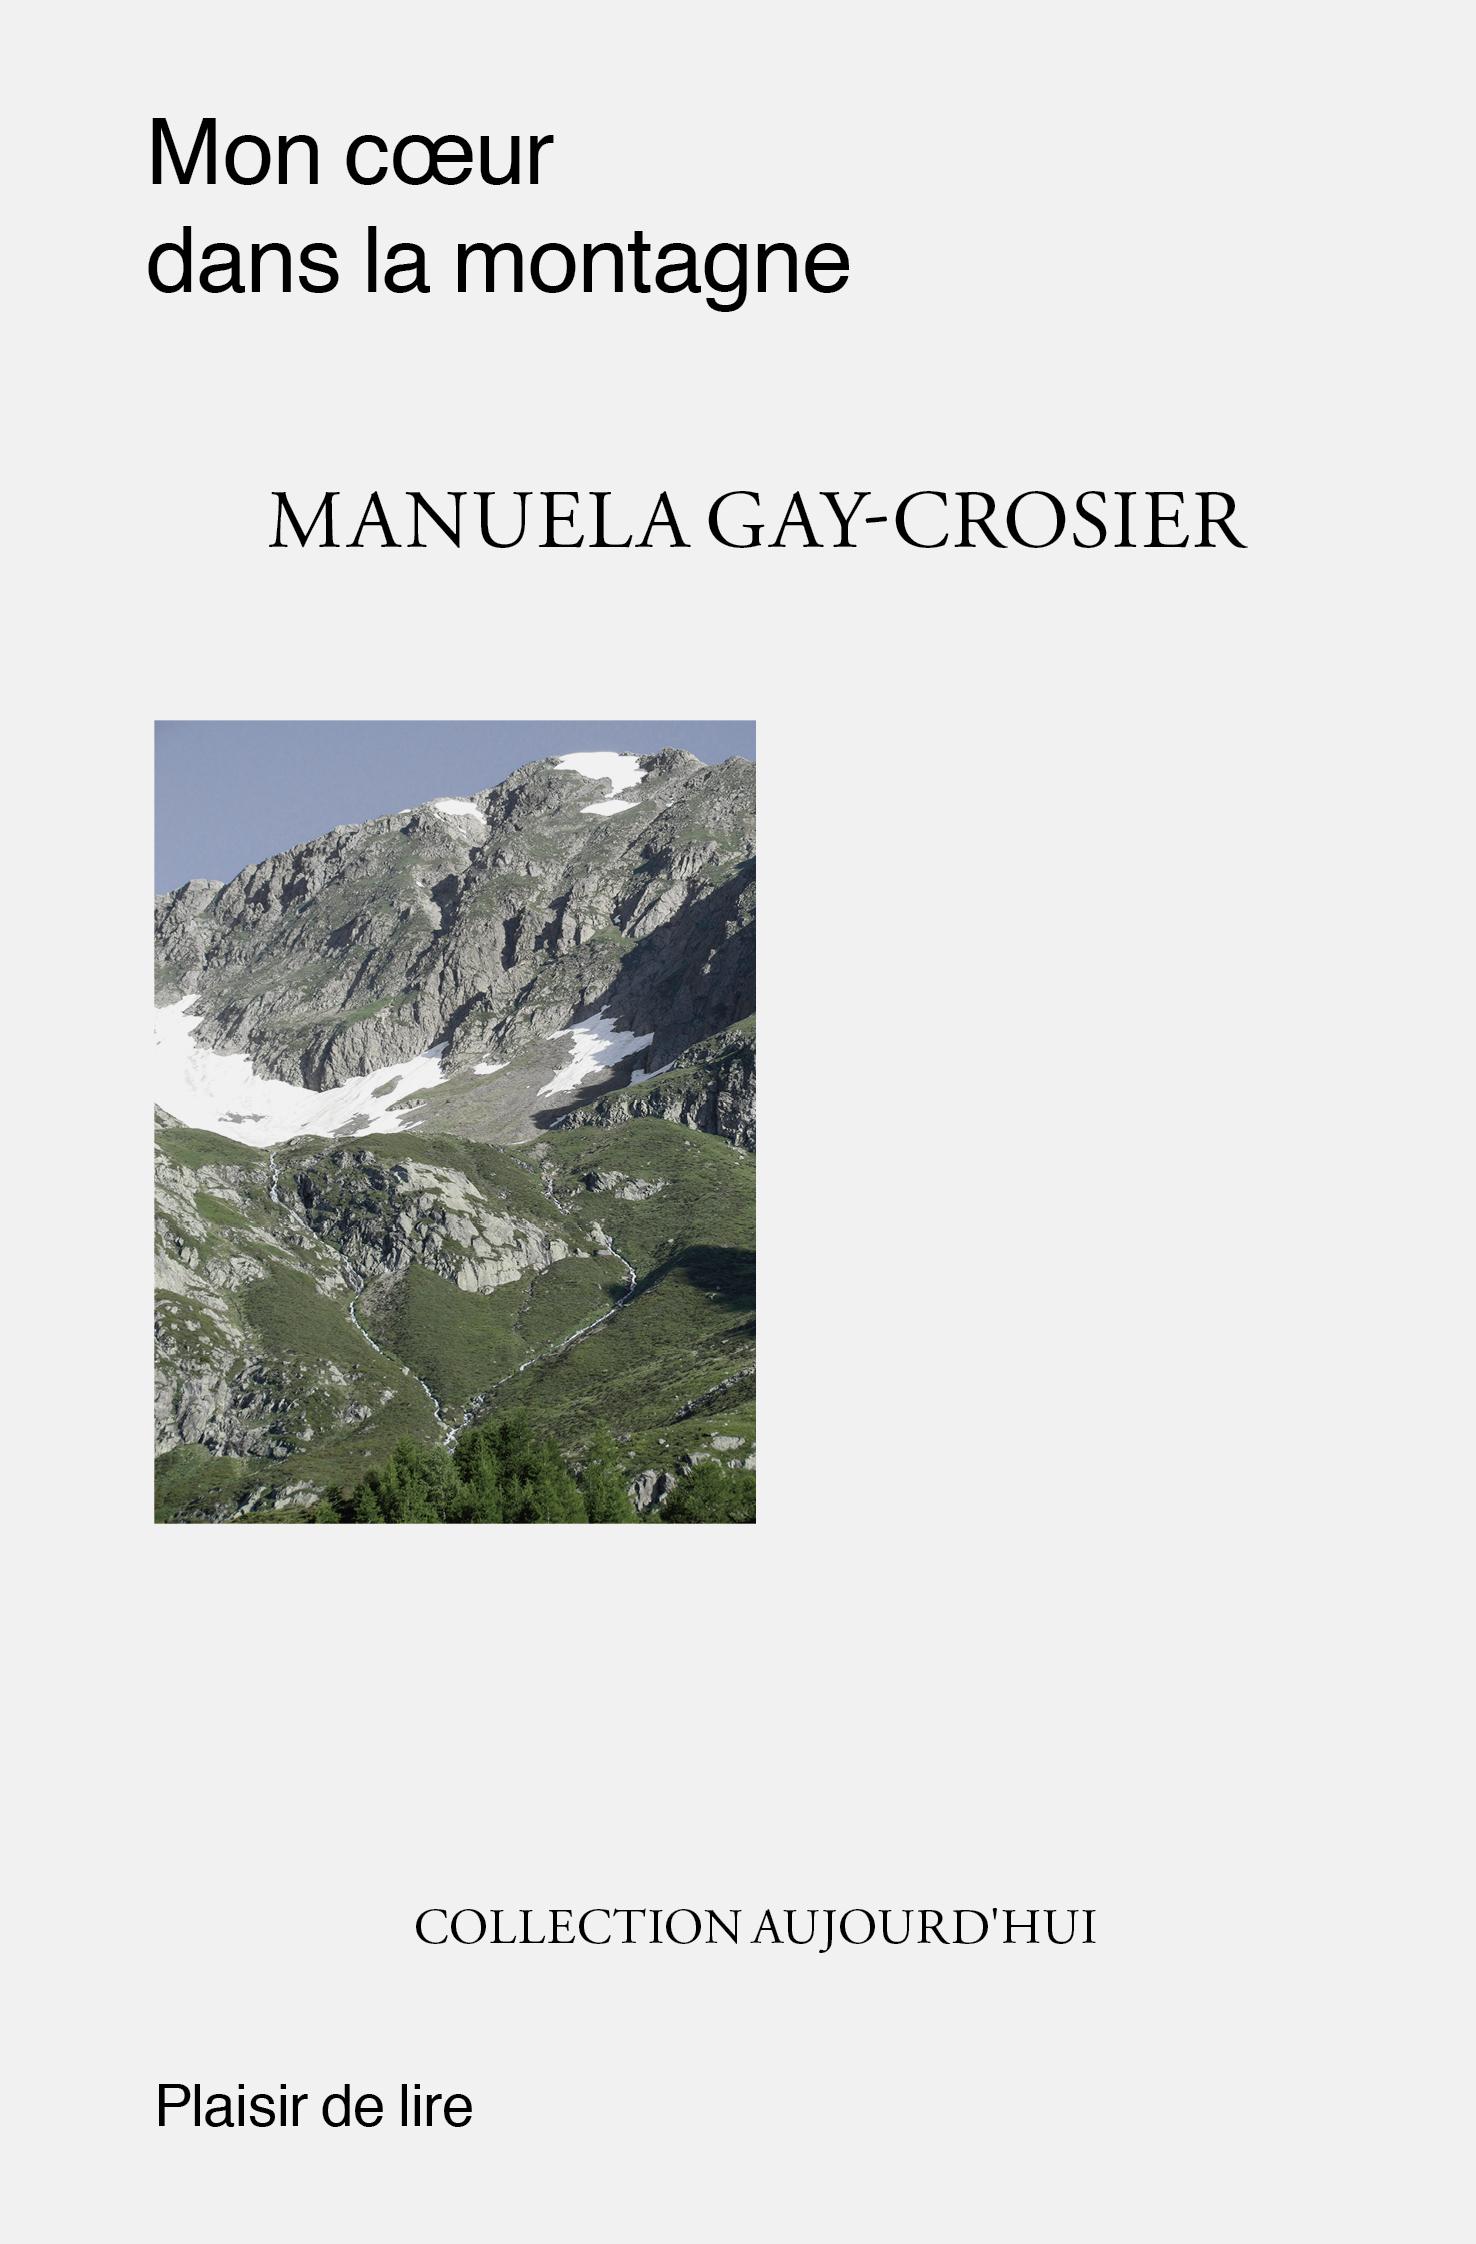 PDL_livre_Manuela-Gay-Crosier-Mon-coeur-dans-la-montagne-couv.